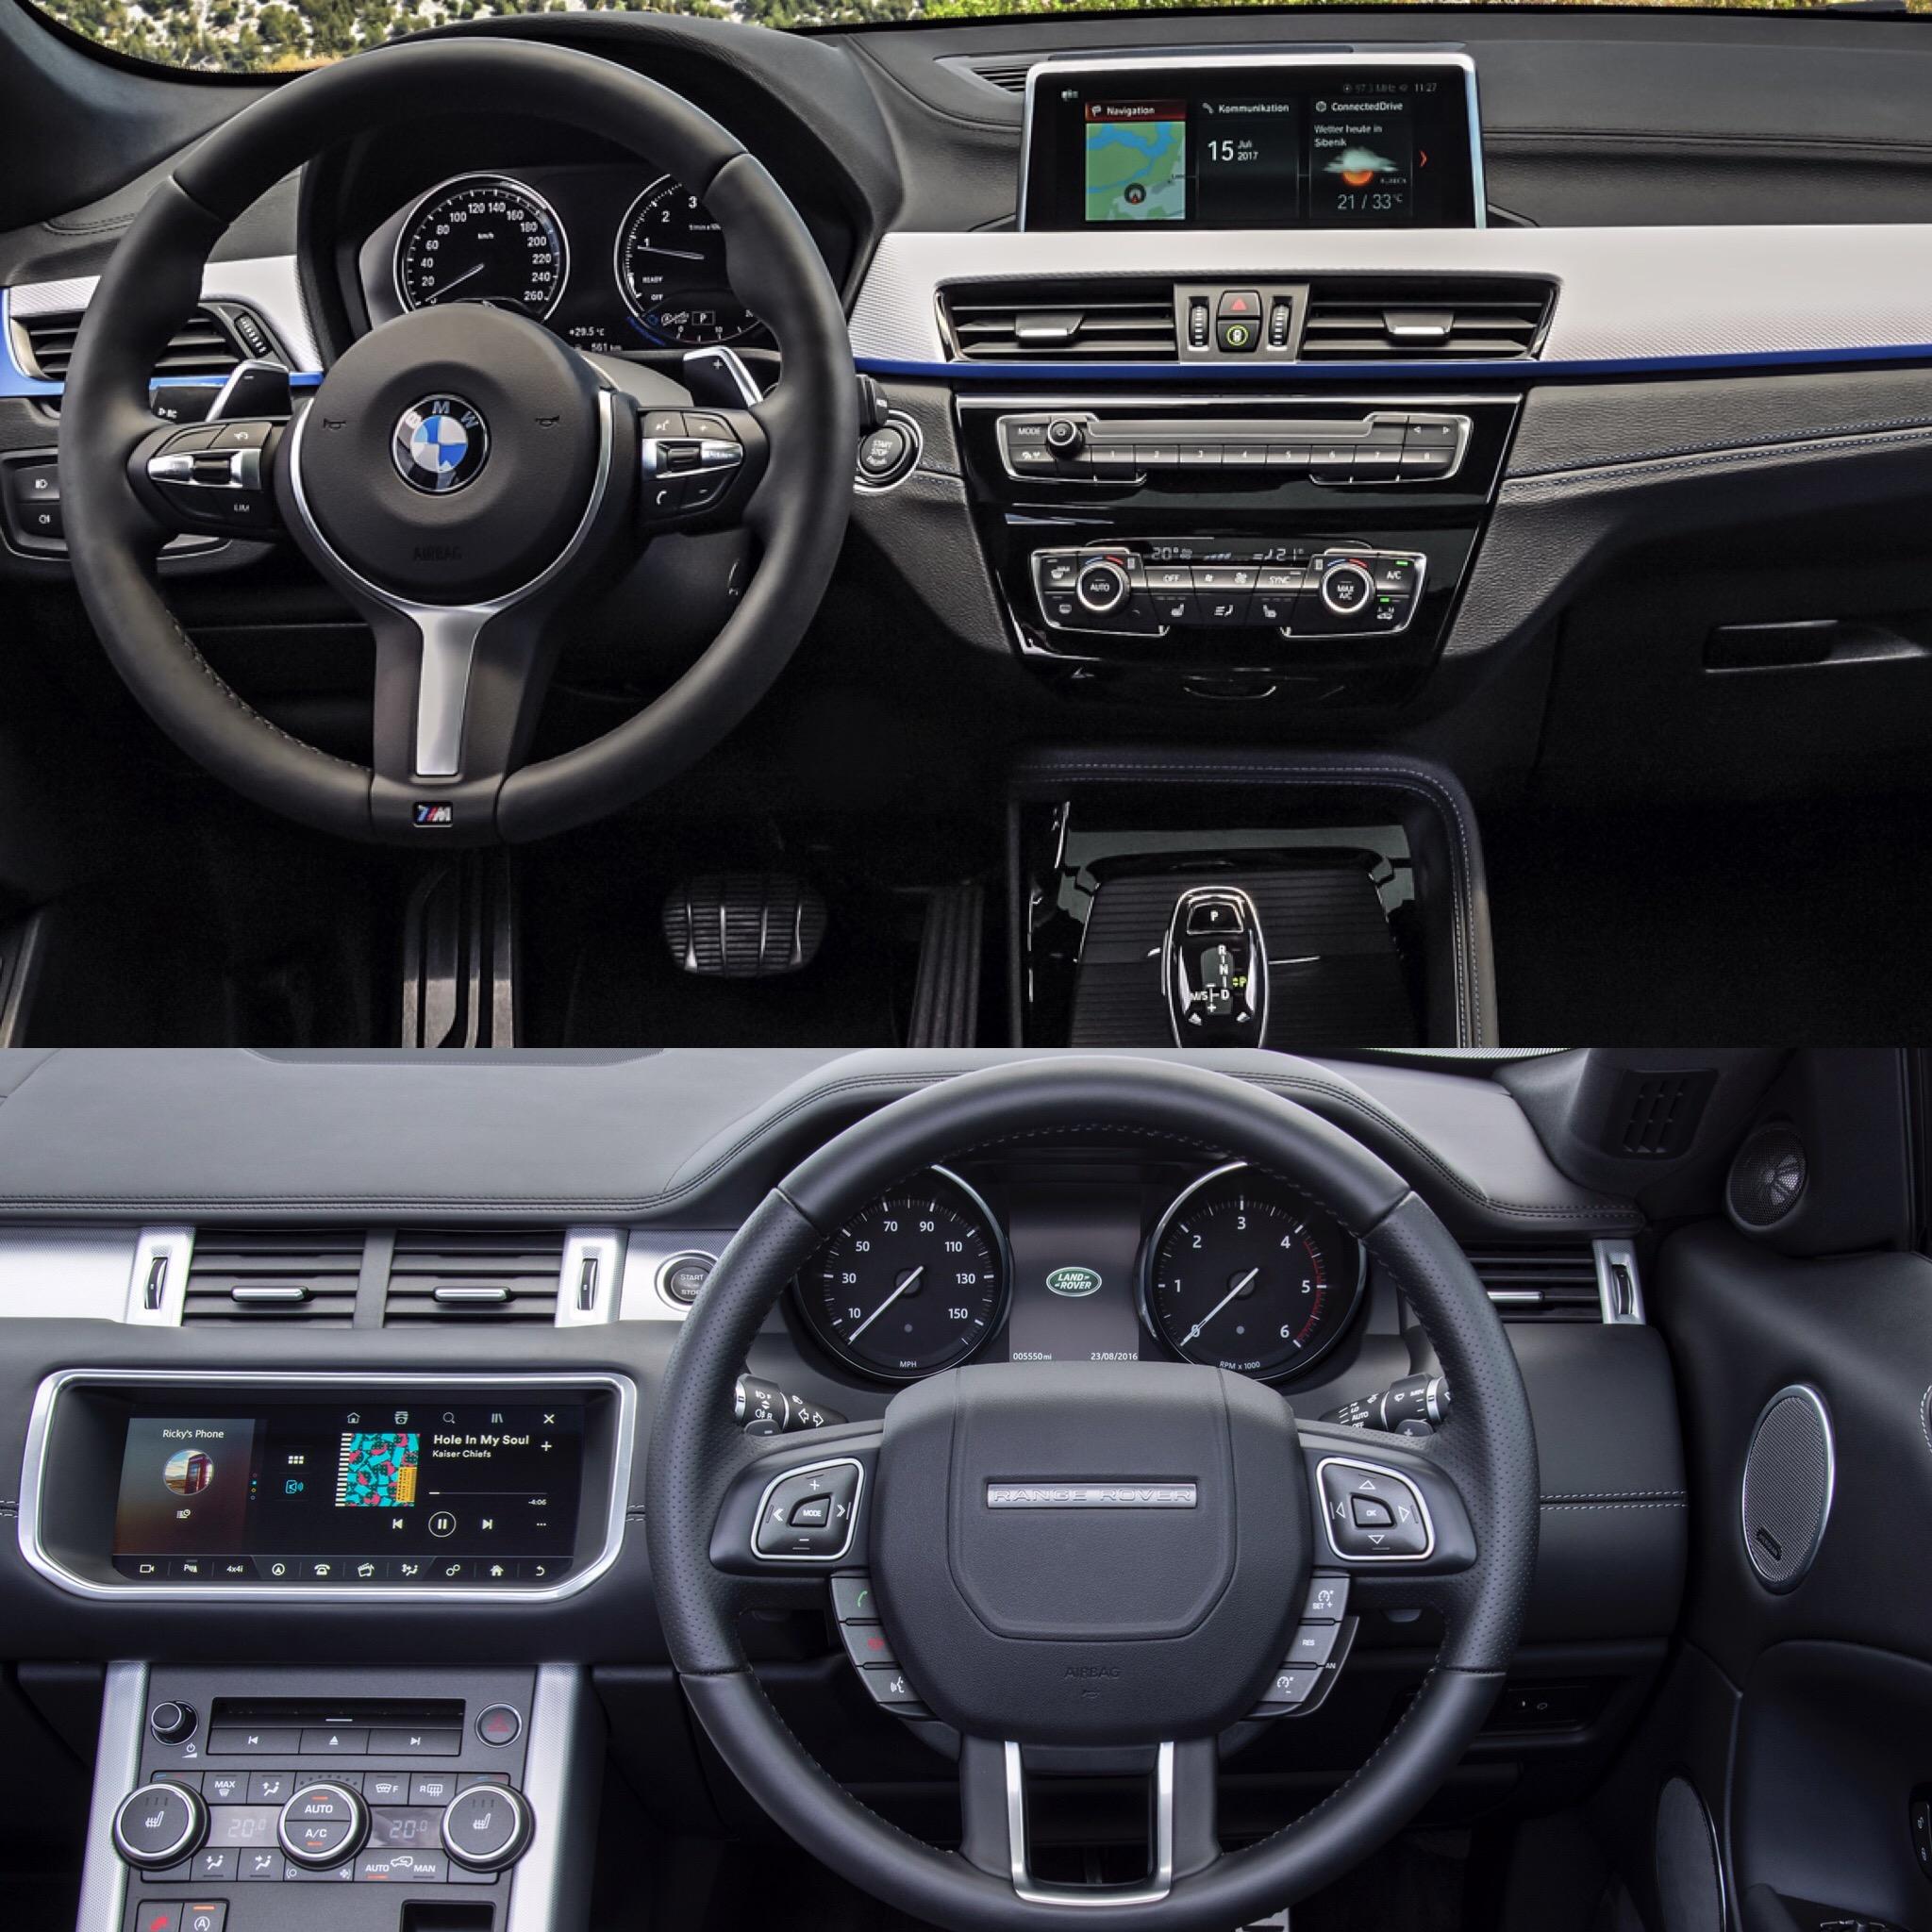 Photo Comparison: BMW X2 Vs Range Rover Evoque